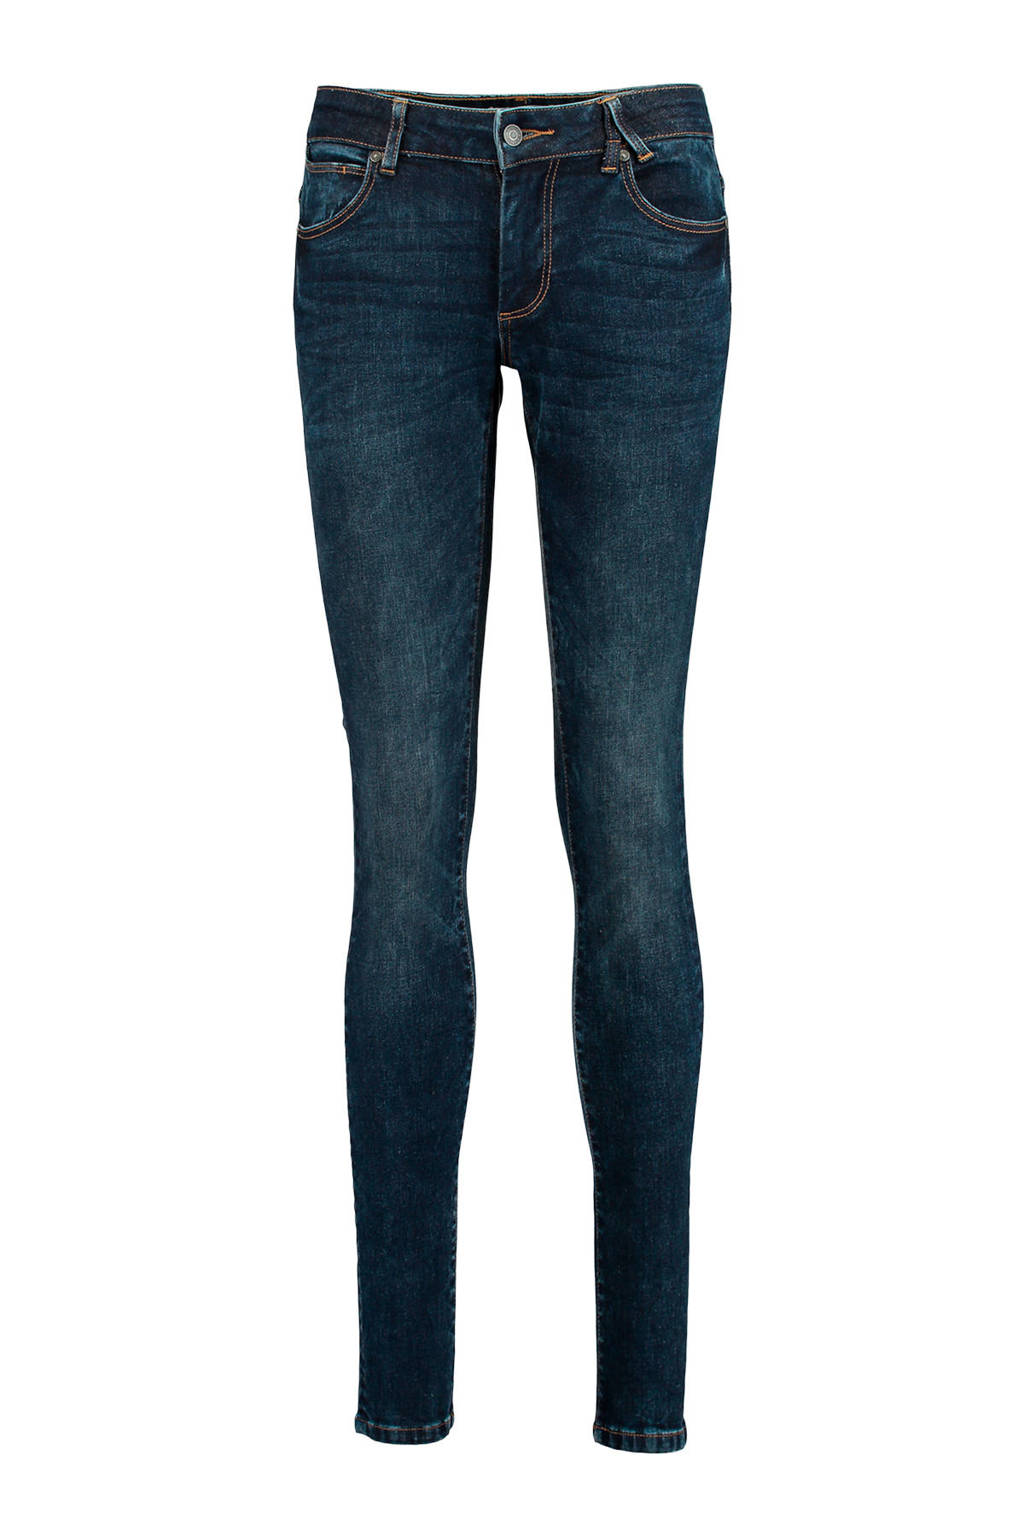 America Today Jane skinny fit jeans, Dark denim